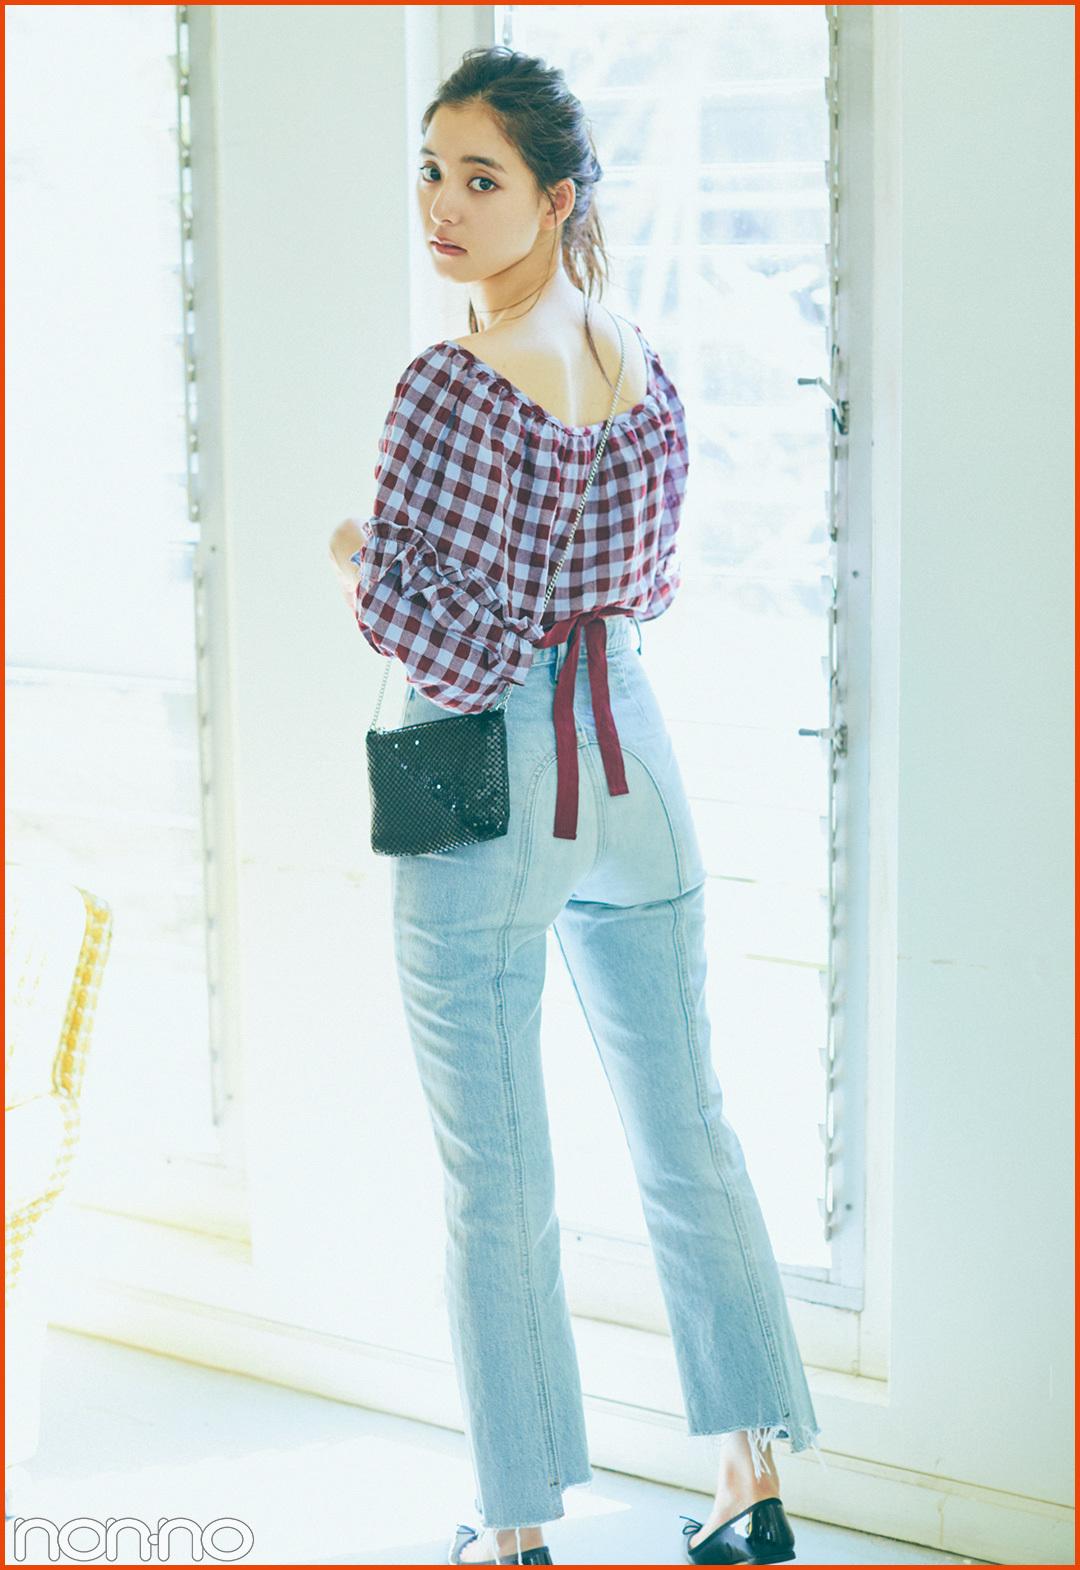 優子の私服デニムの着回しコーデをのぞき見!【新木優子に100問100答】 _1_3-1